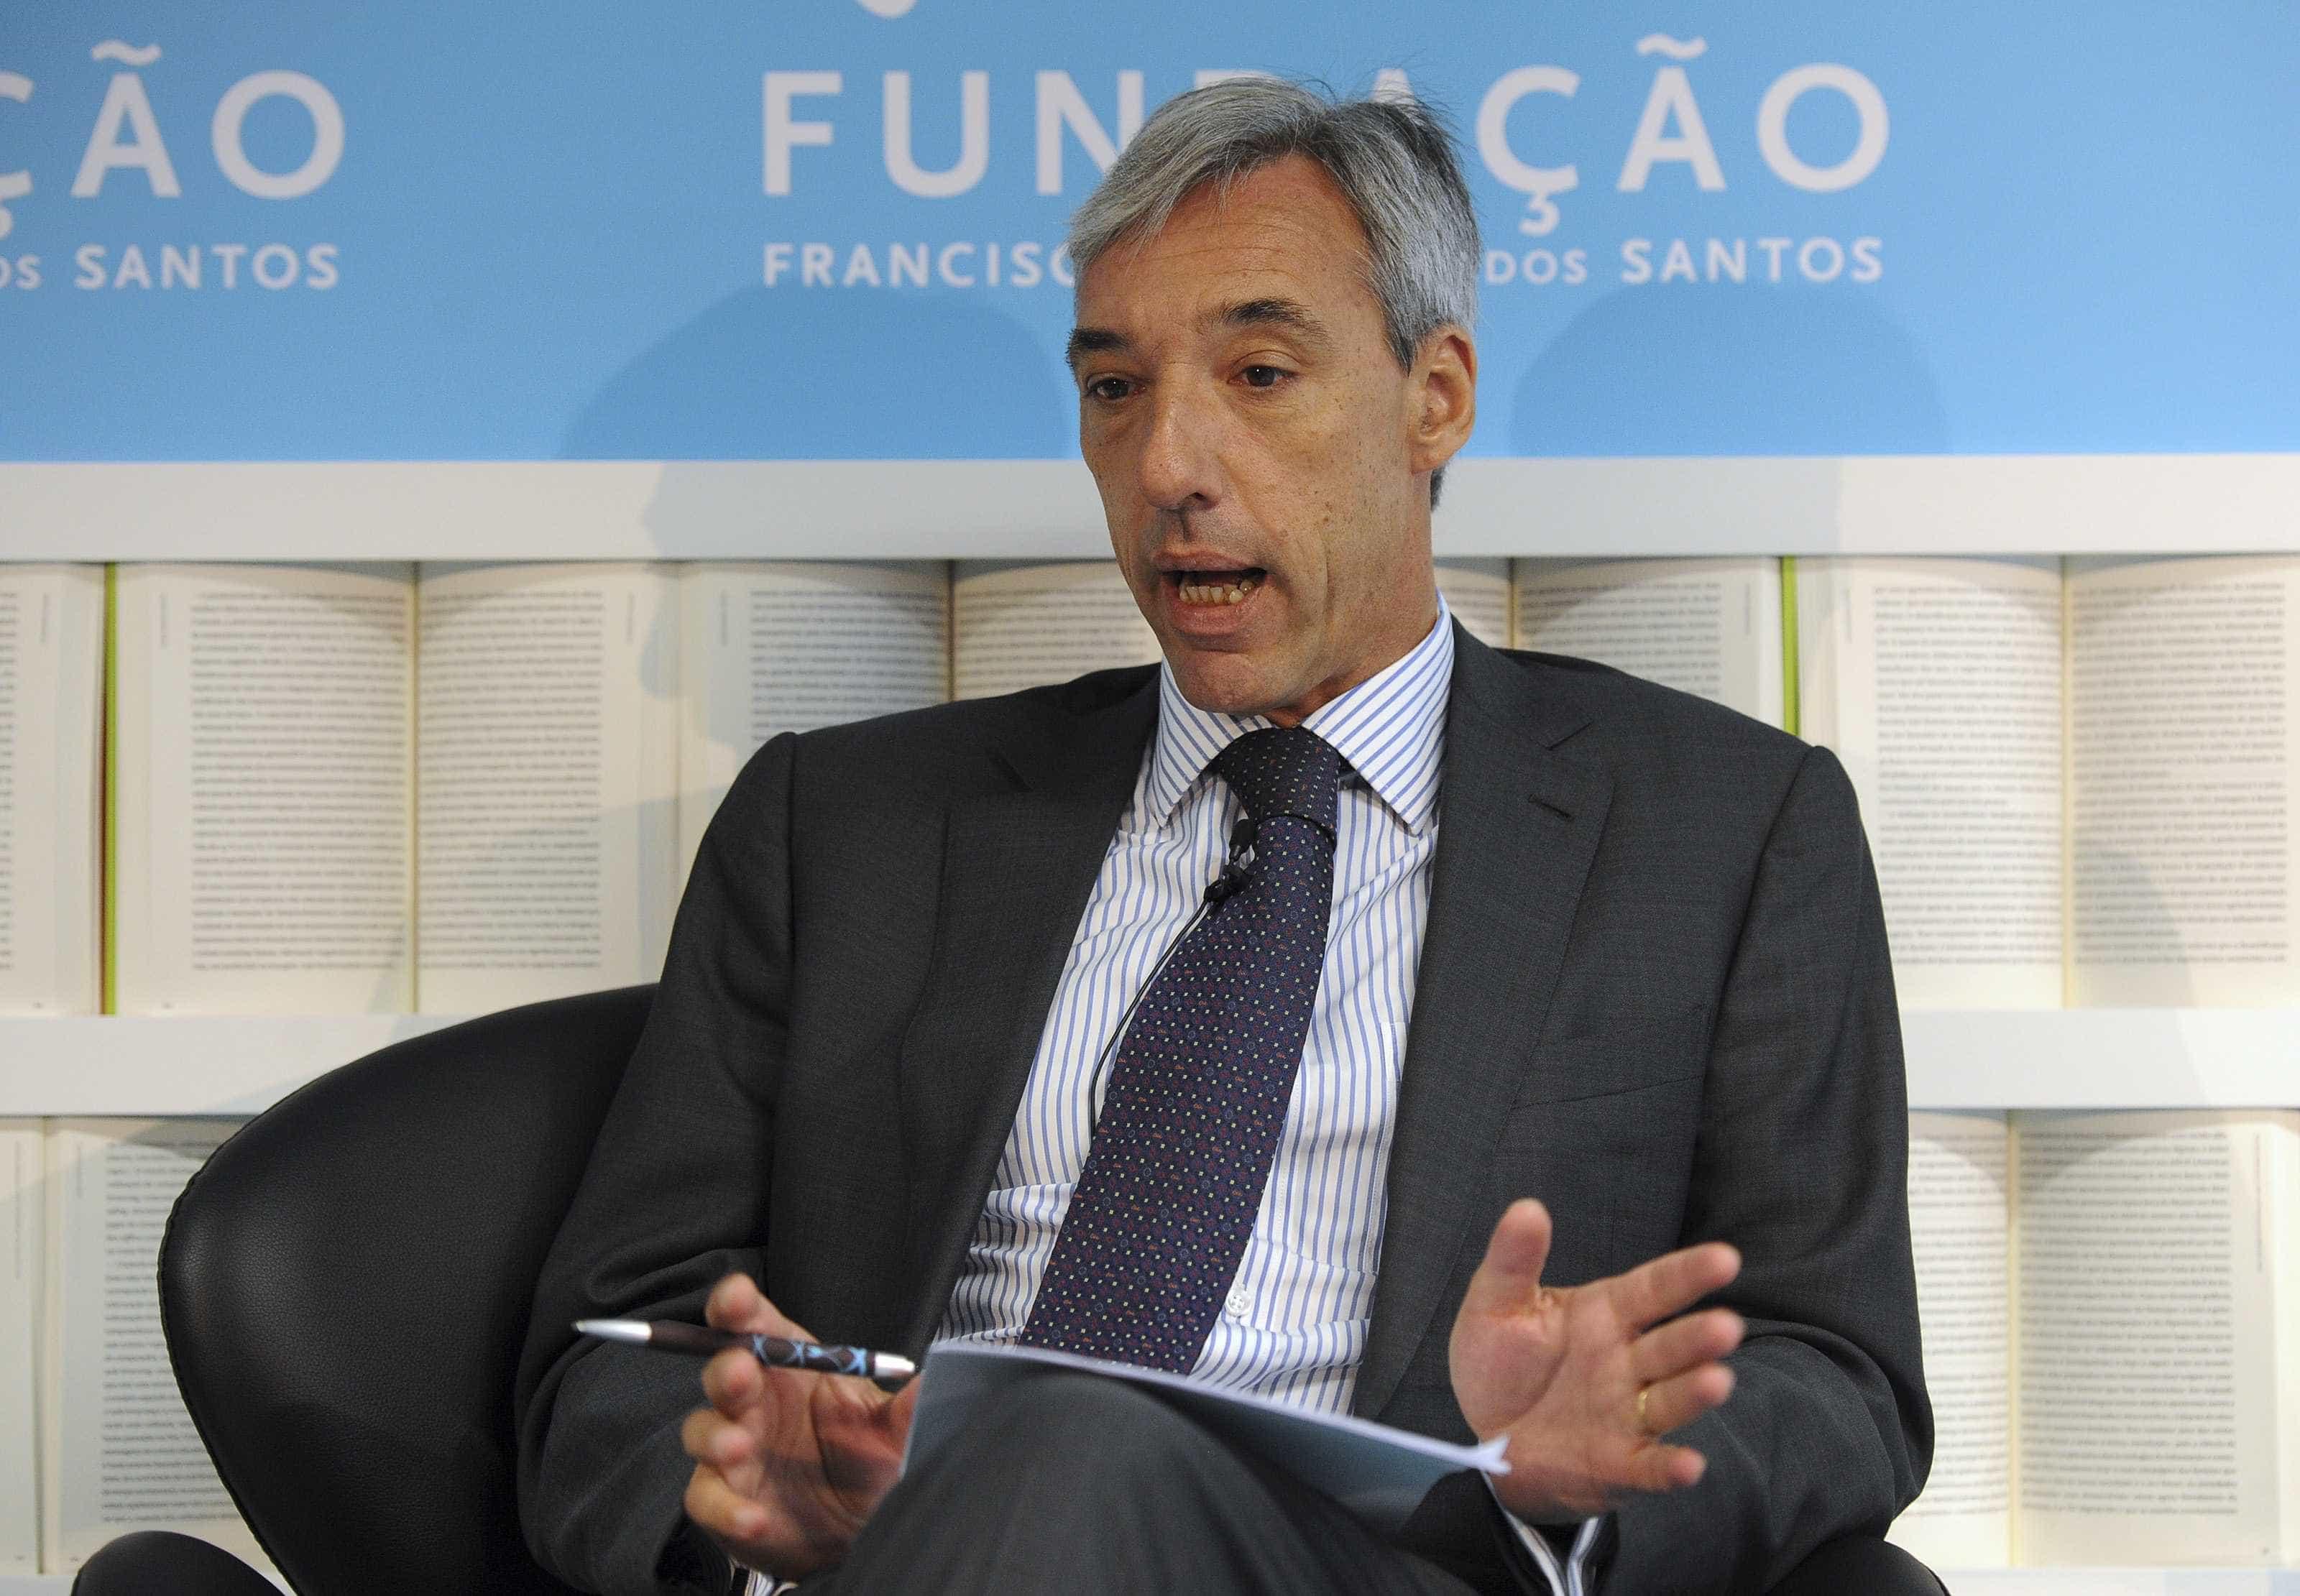 PSD quer ouvir novo ministro da Defesa sobre demissão de Rovisco Duarte